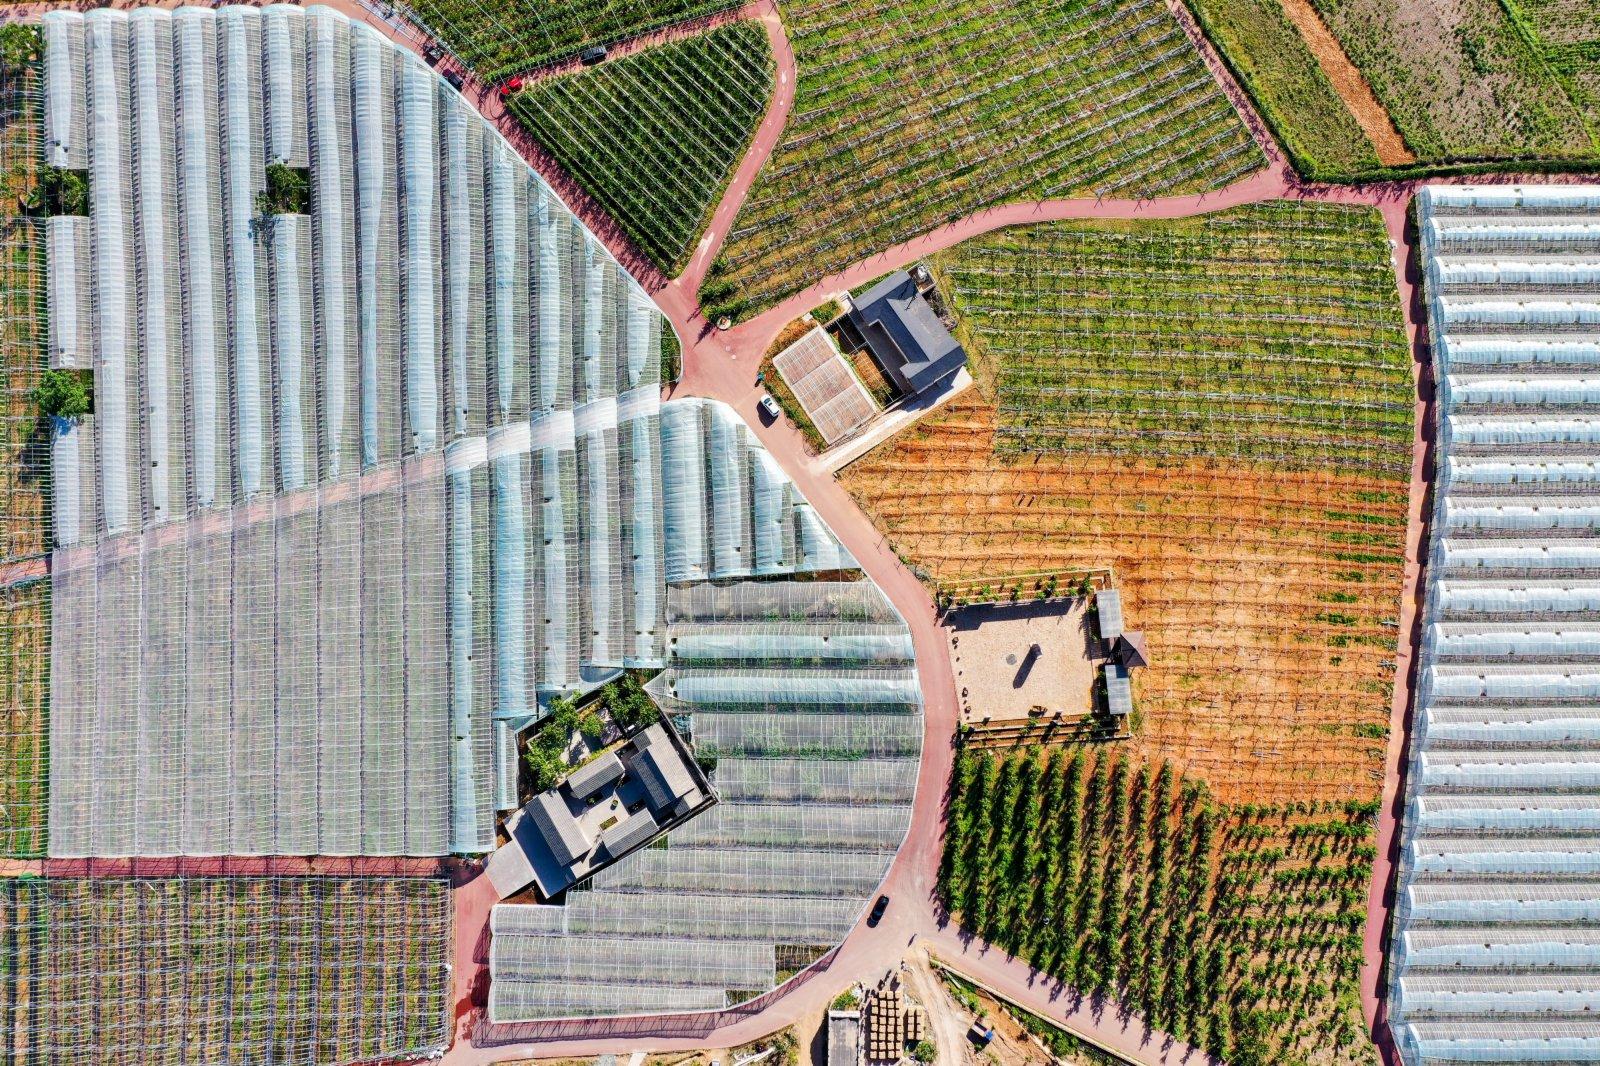 這是6月3日拍攝的河北省遷西縣花鄉果巷田園綜合體果蔬種植大棚(無人機照片)。(新華社)